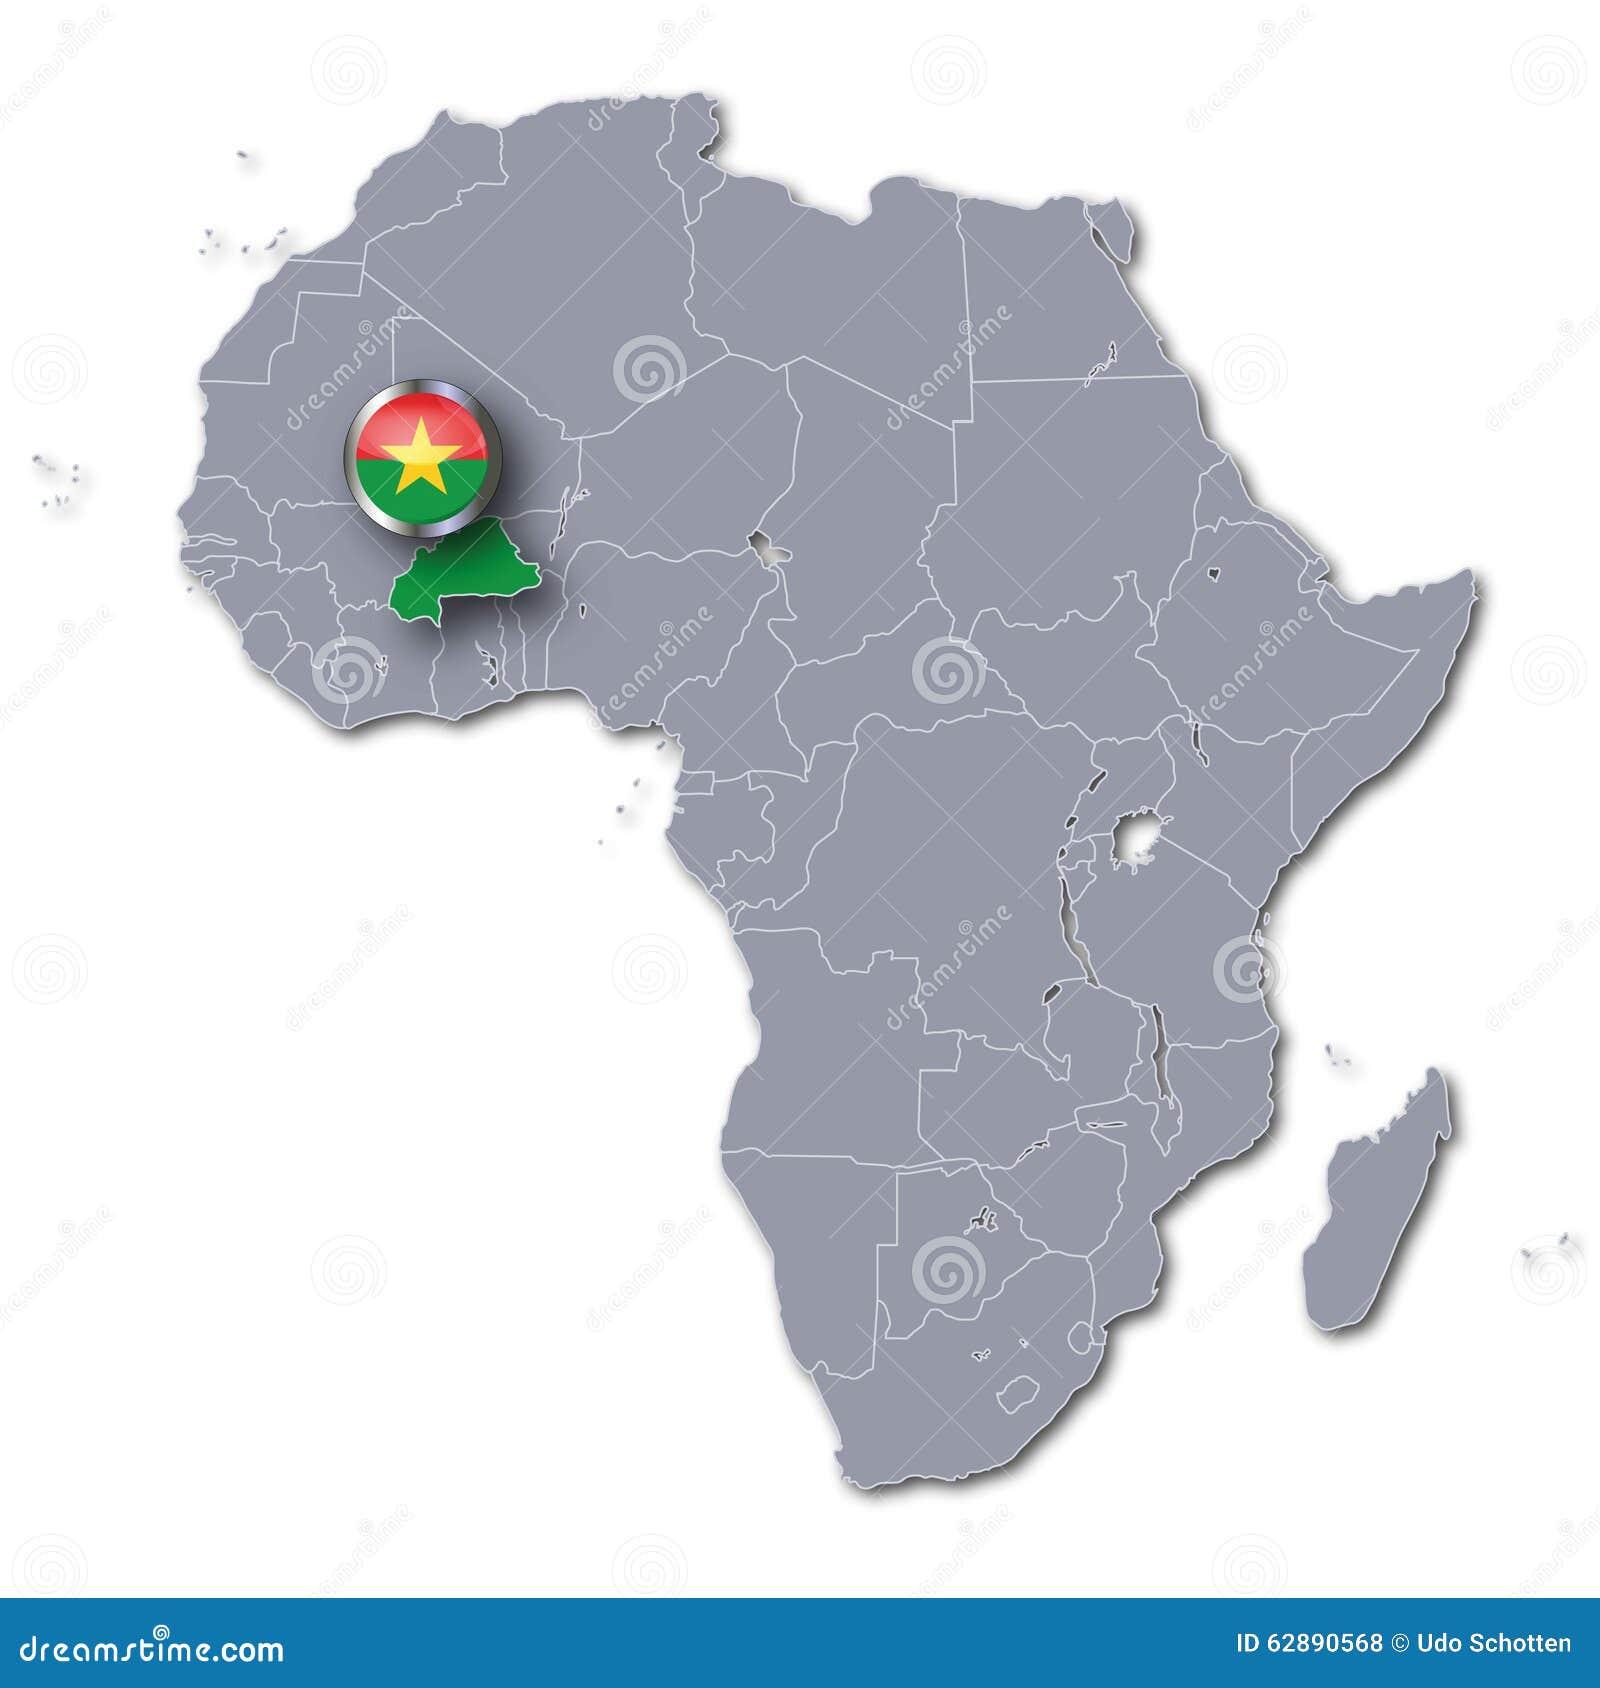 Connu Carte De L'Afrique Avec Le Burkina Faso Illustration Stock - Image  QC67